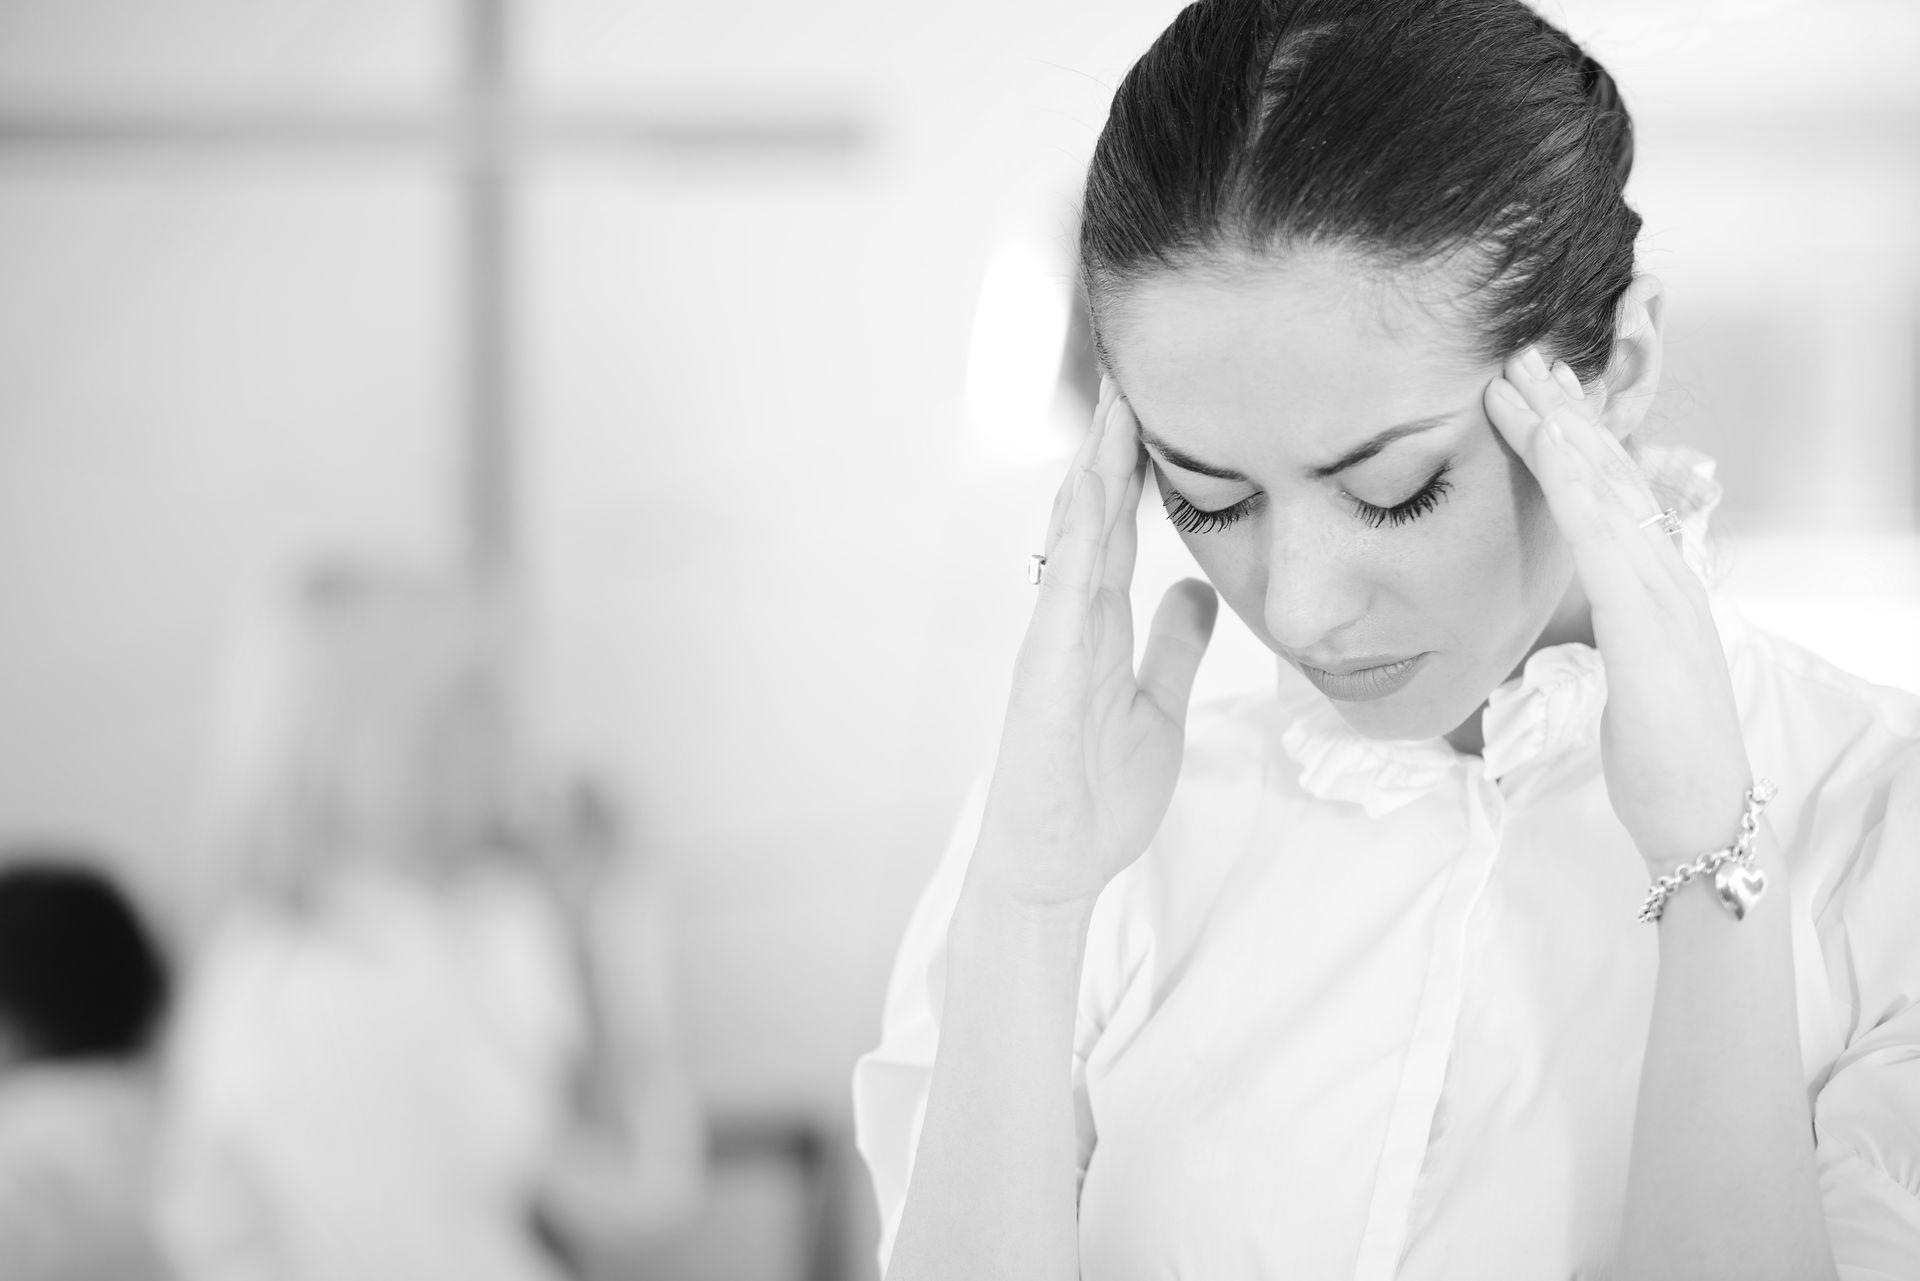 Netterápia - Felnőttkori problémák